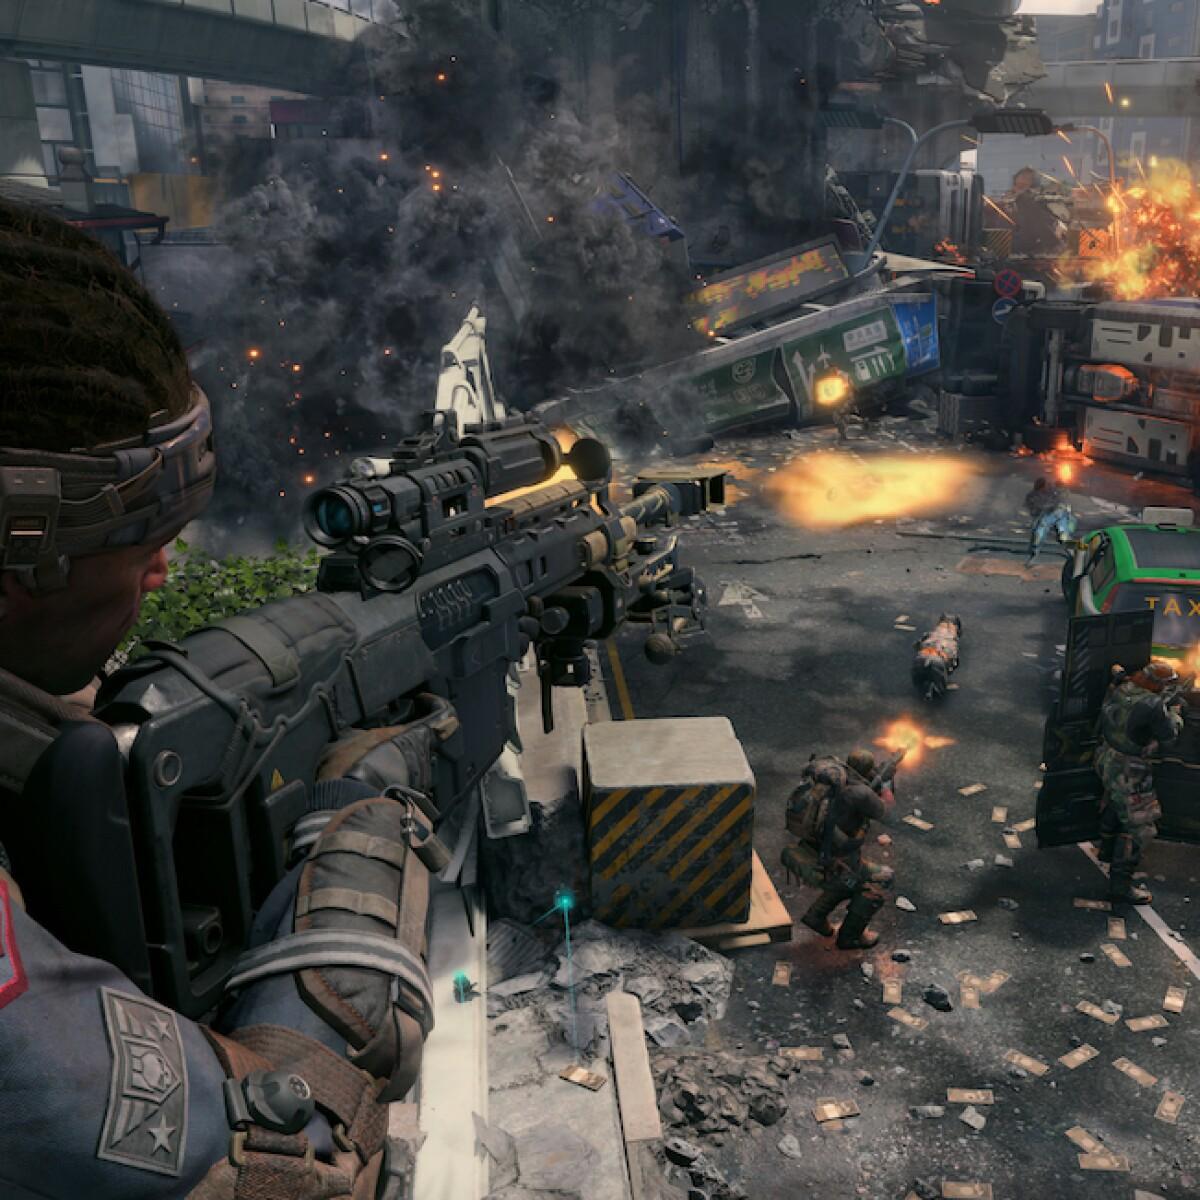 Call of Duty vende 500 mdd en tres días y va por afición de Fortnite